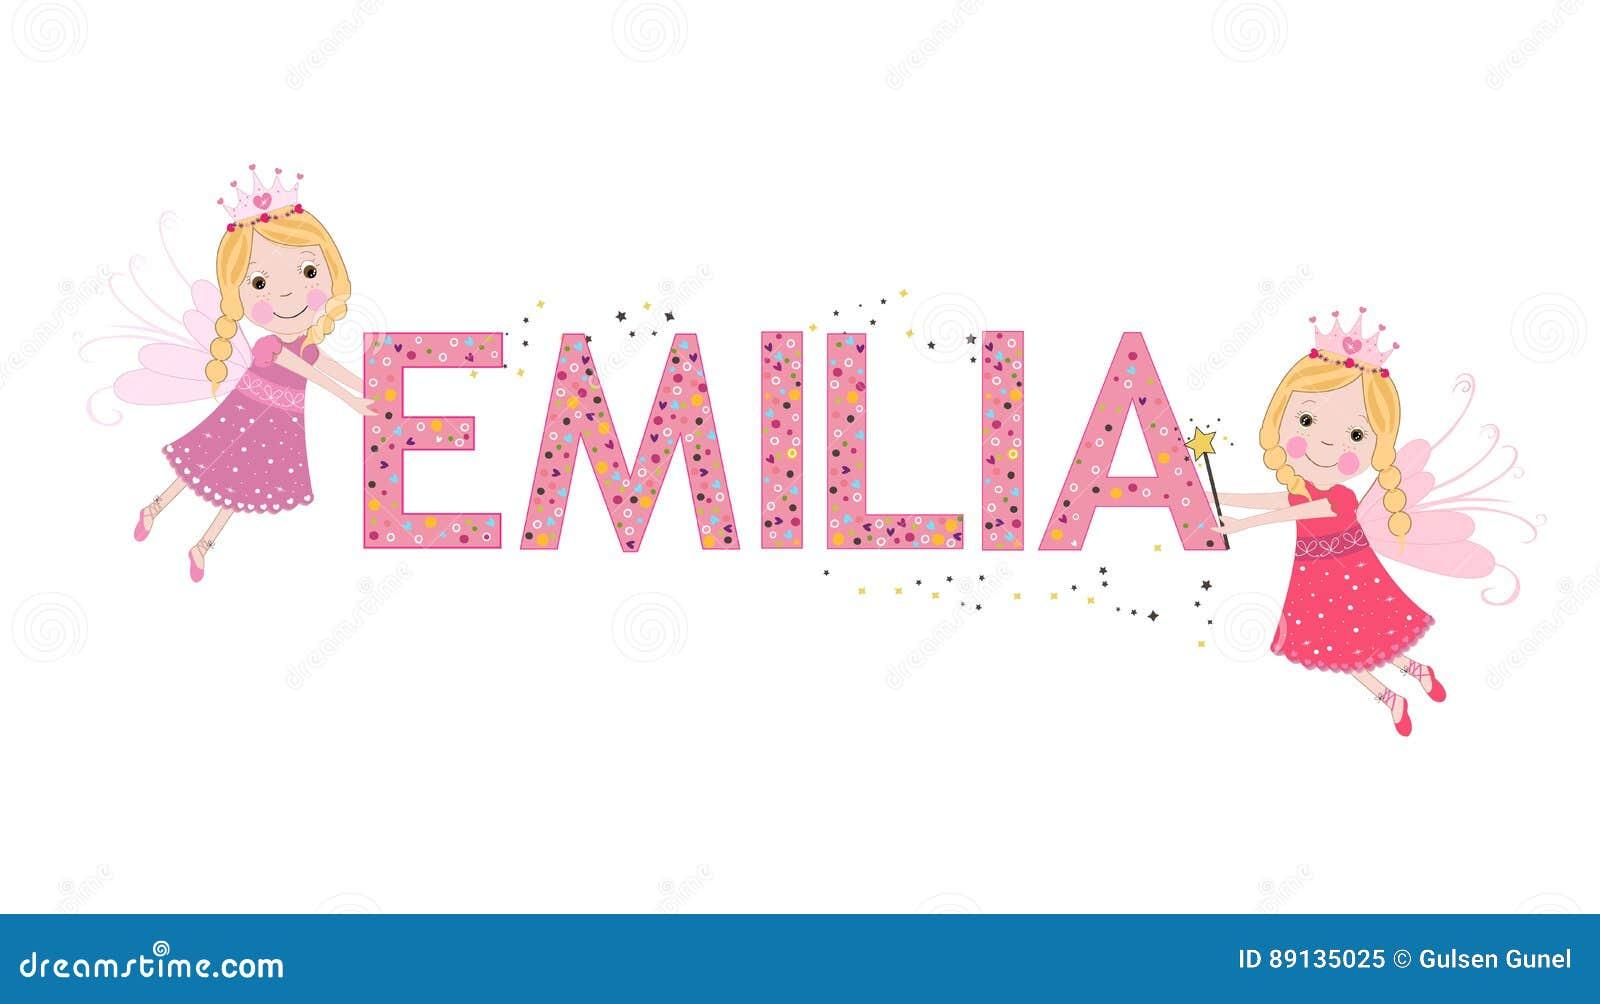 Картинки с именем эмилия, картинки веселые именные